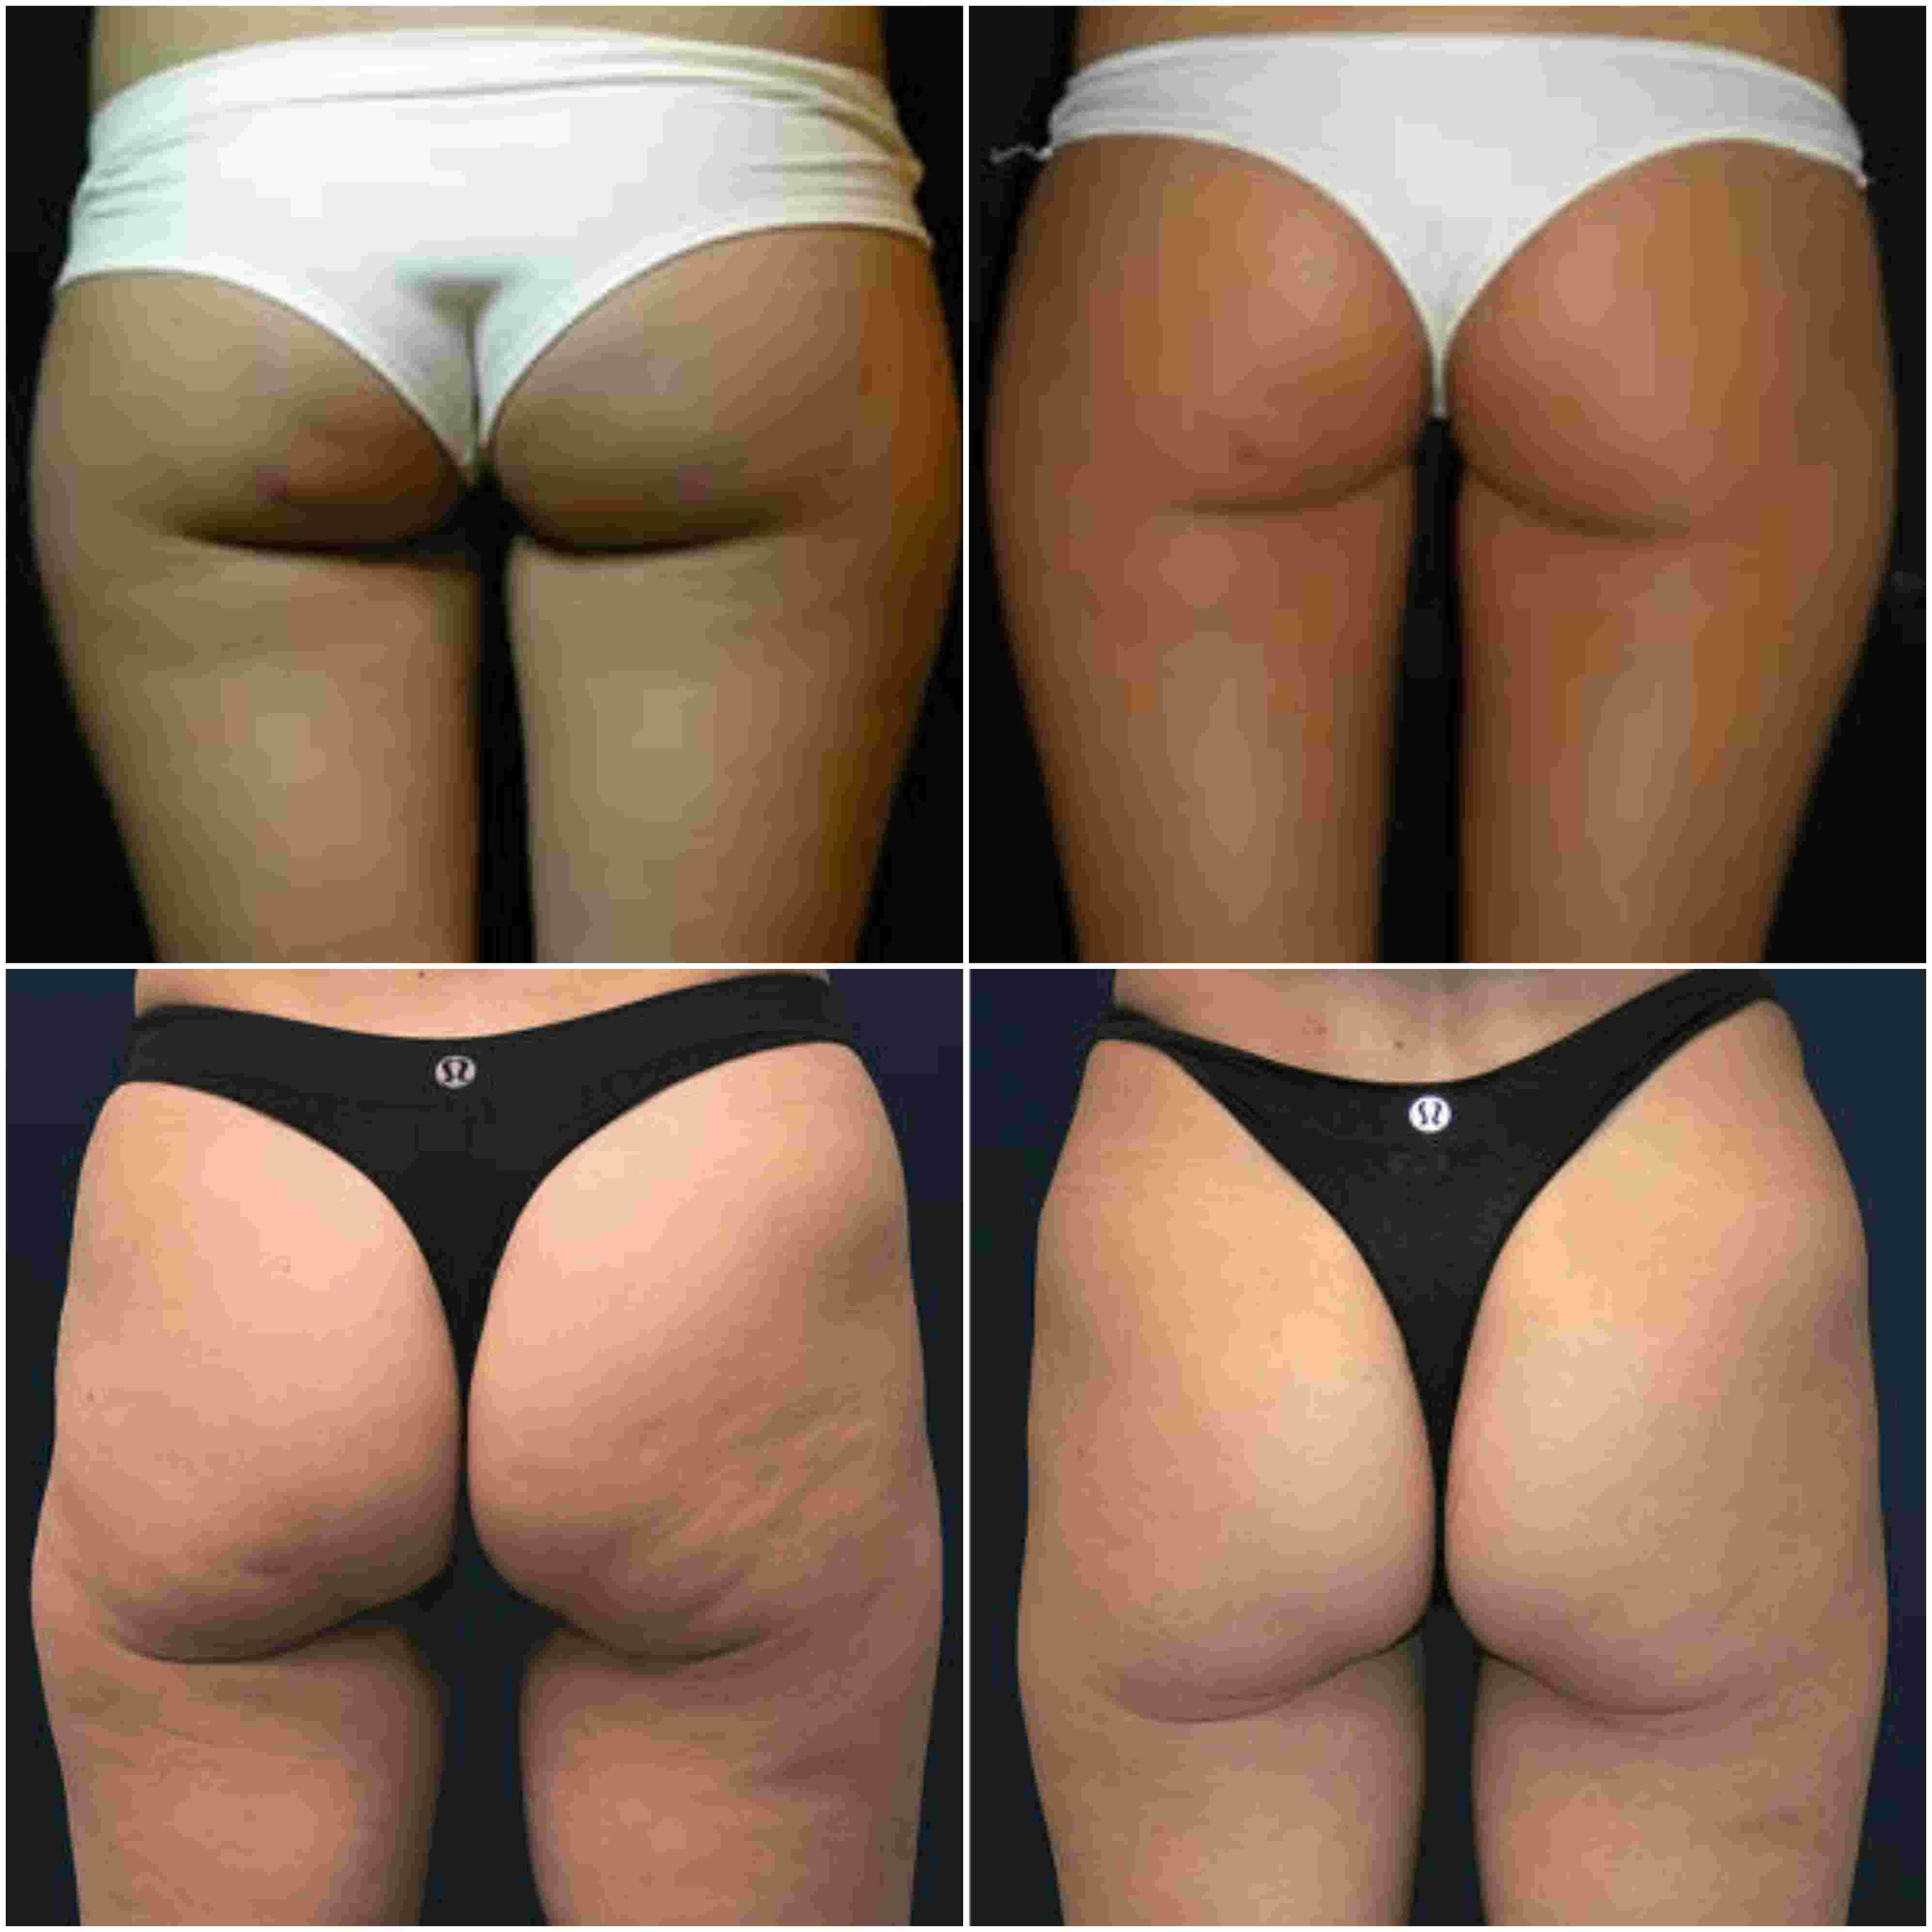 radiofrecuencia corporal antes y después fotos